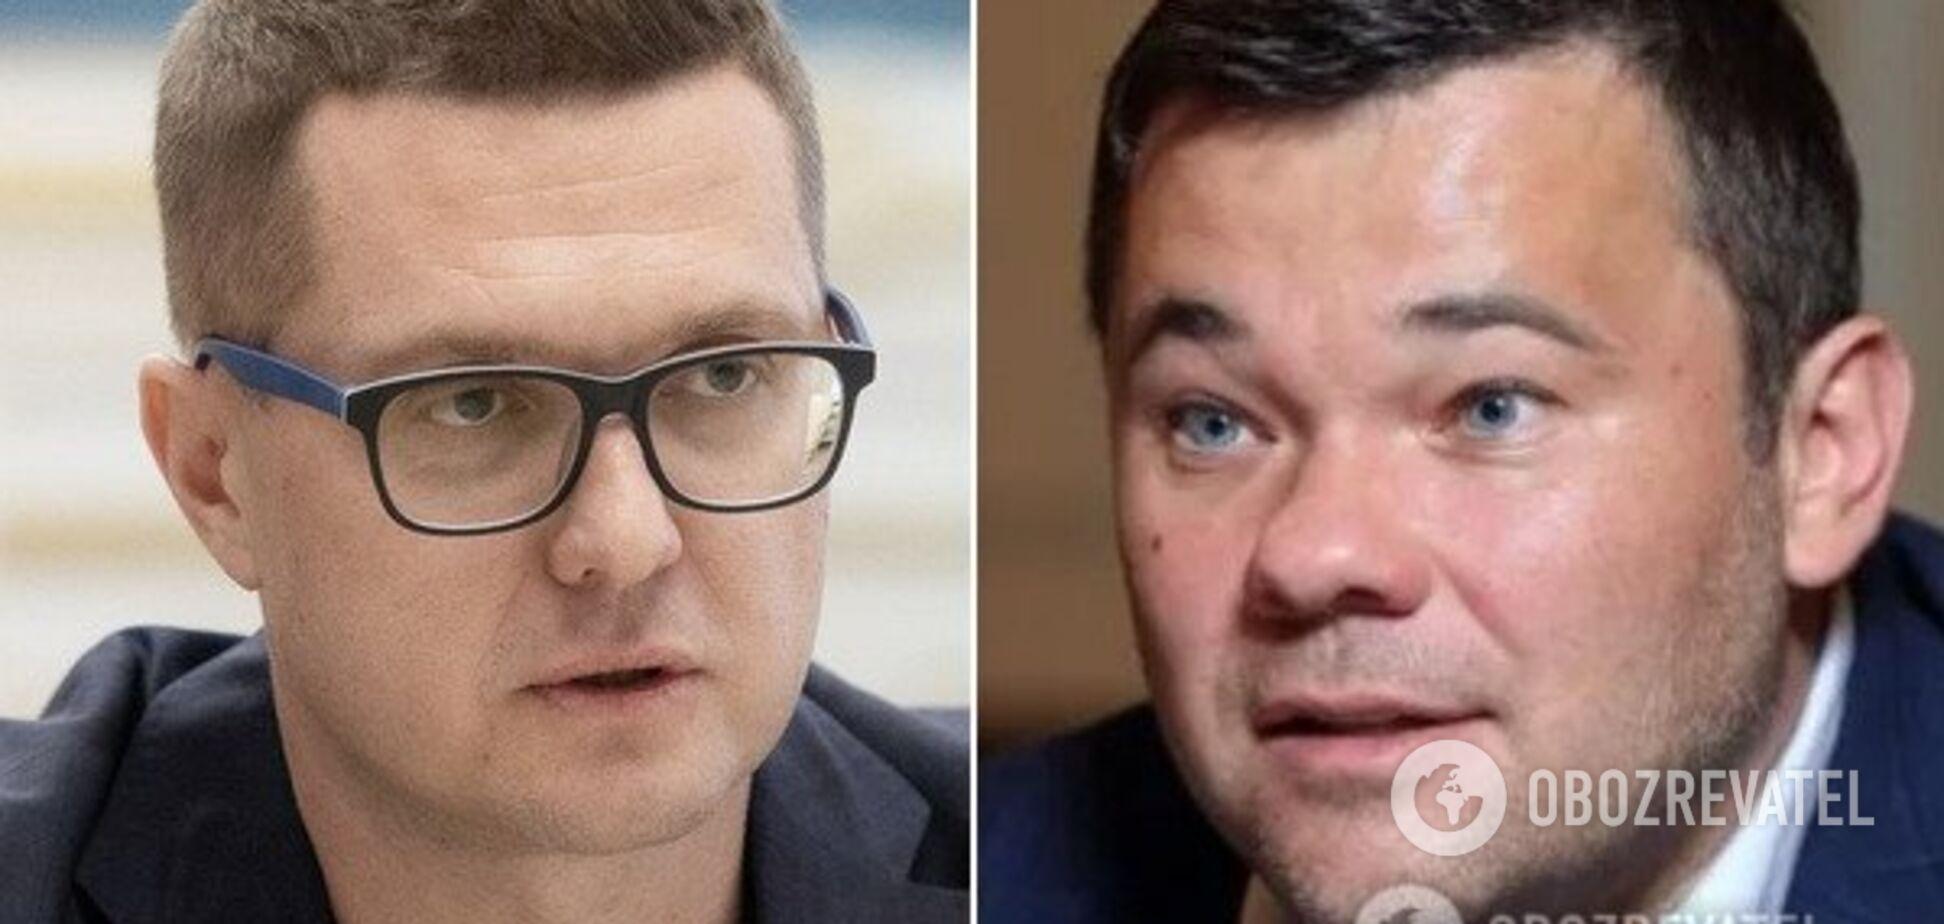 Богдан показал 'выбитые зубы' после 'драки' с Бакановым: фото